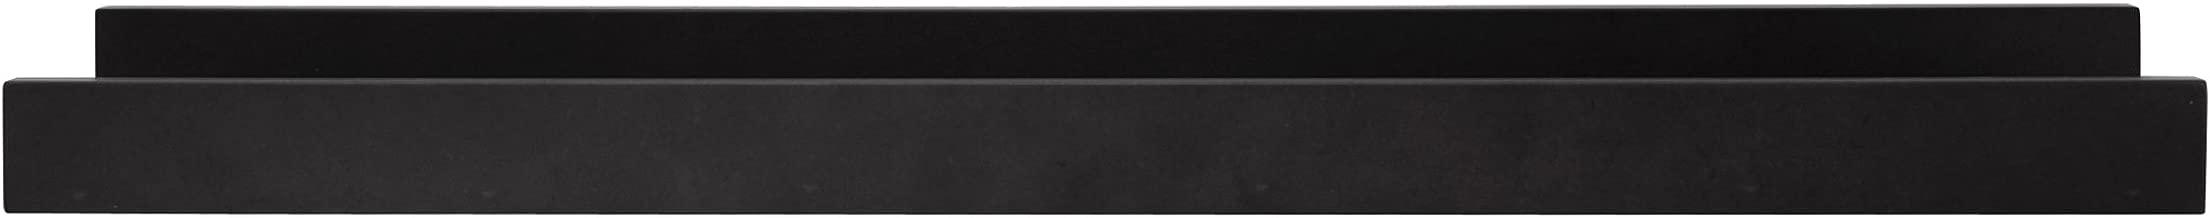 kieragrace Modern Floating-Shelves, 23-Inch by 4-Inch, Black